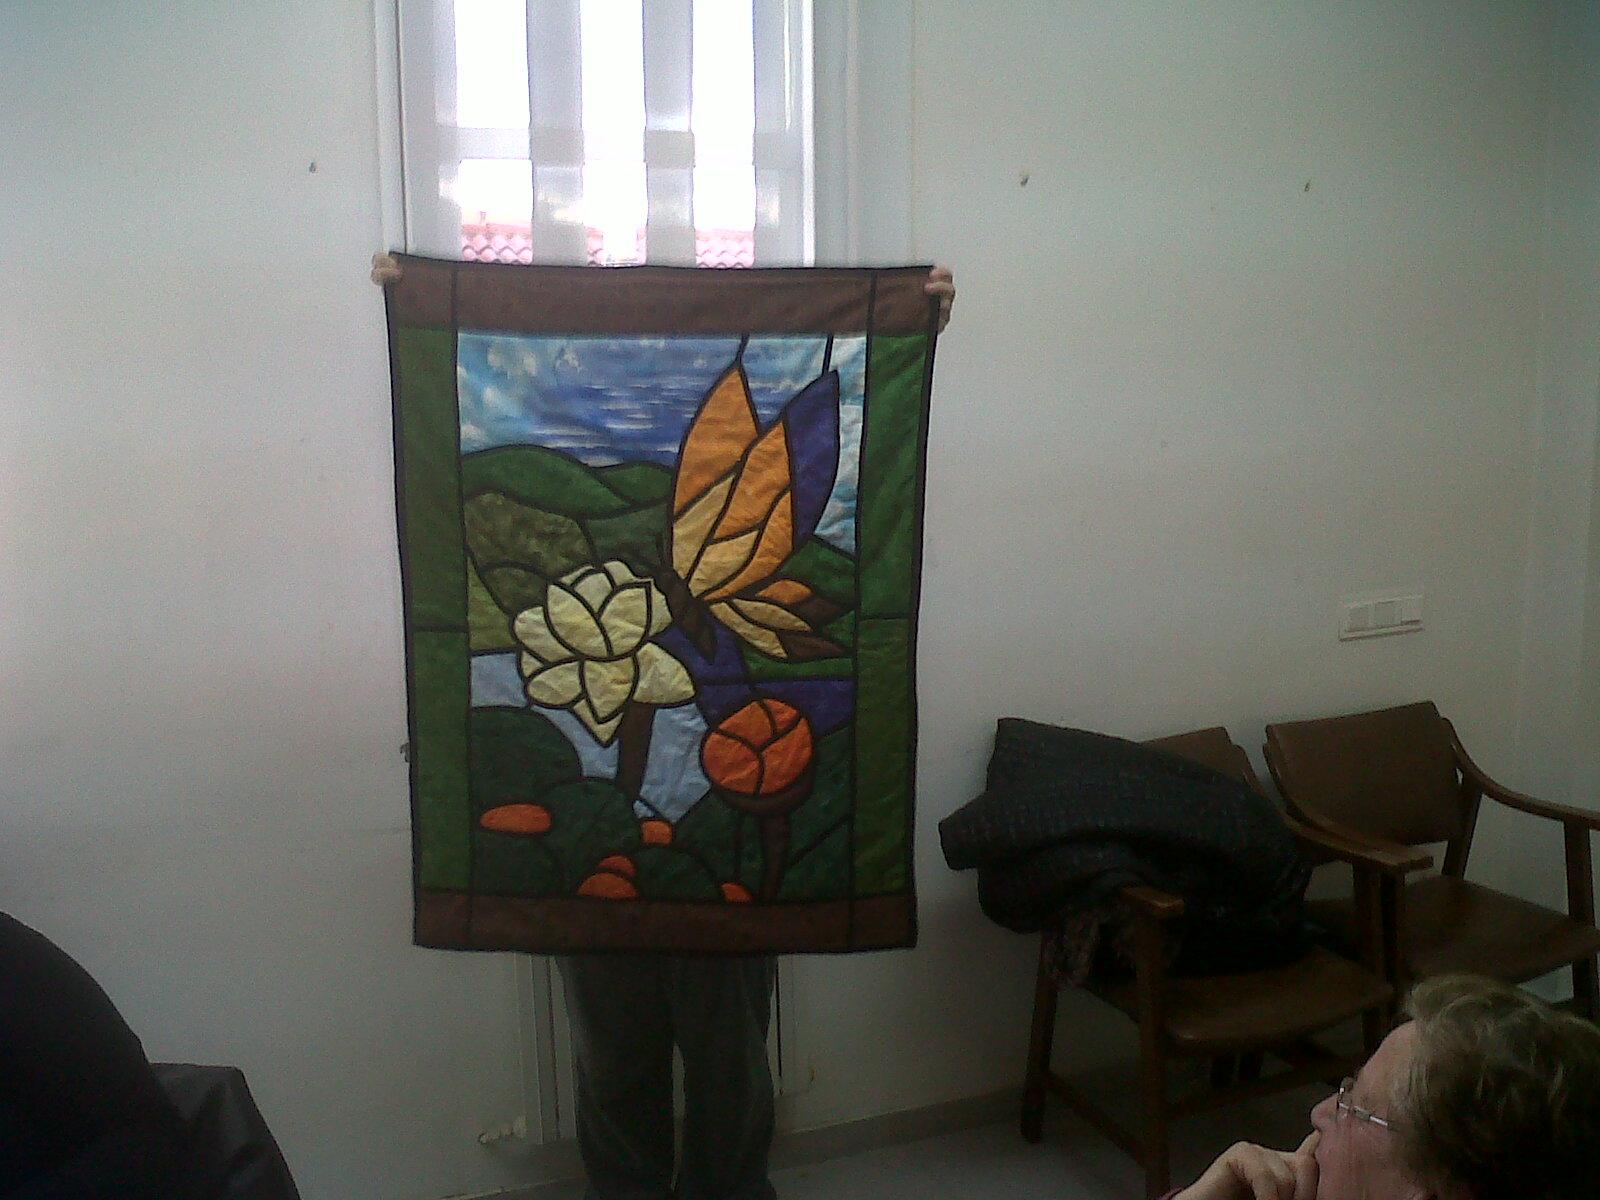 Labores artesanas vidrieras - Almazuelas patrones gratis ...